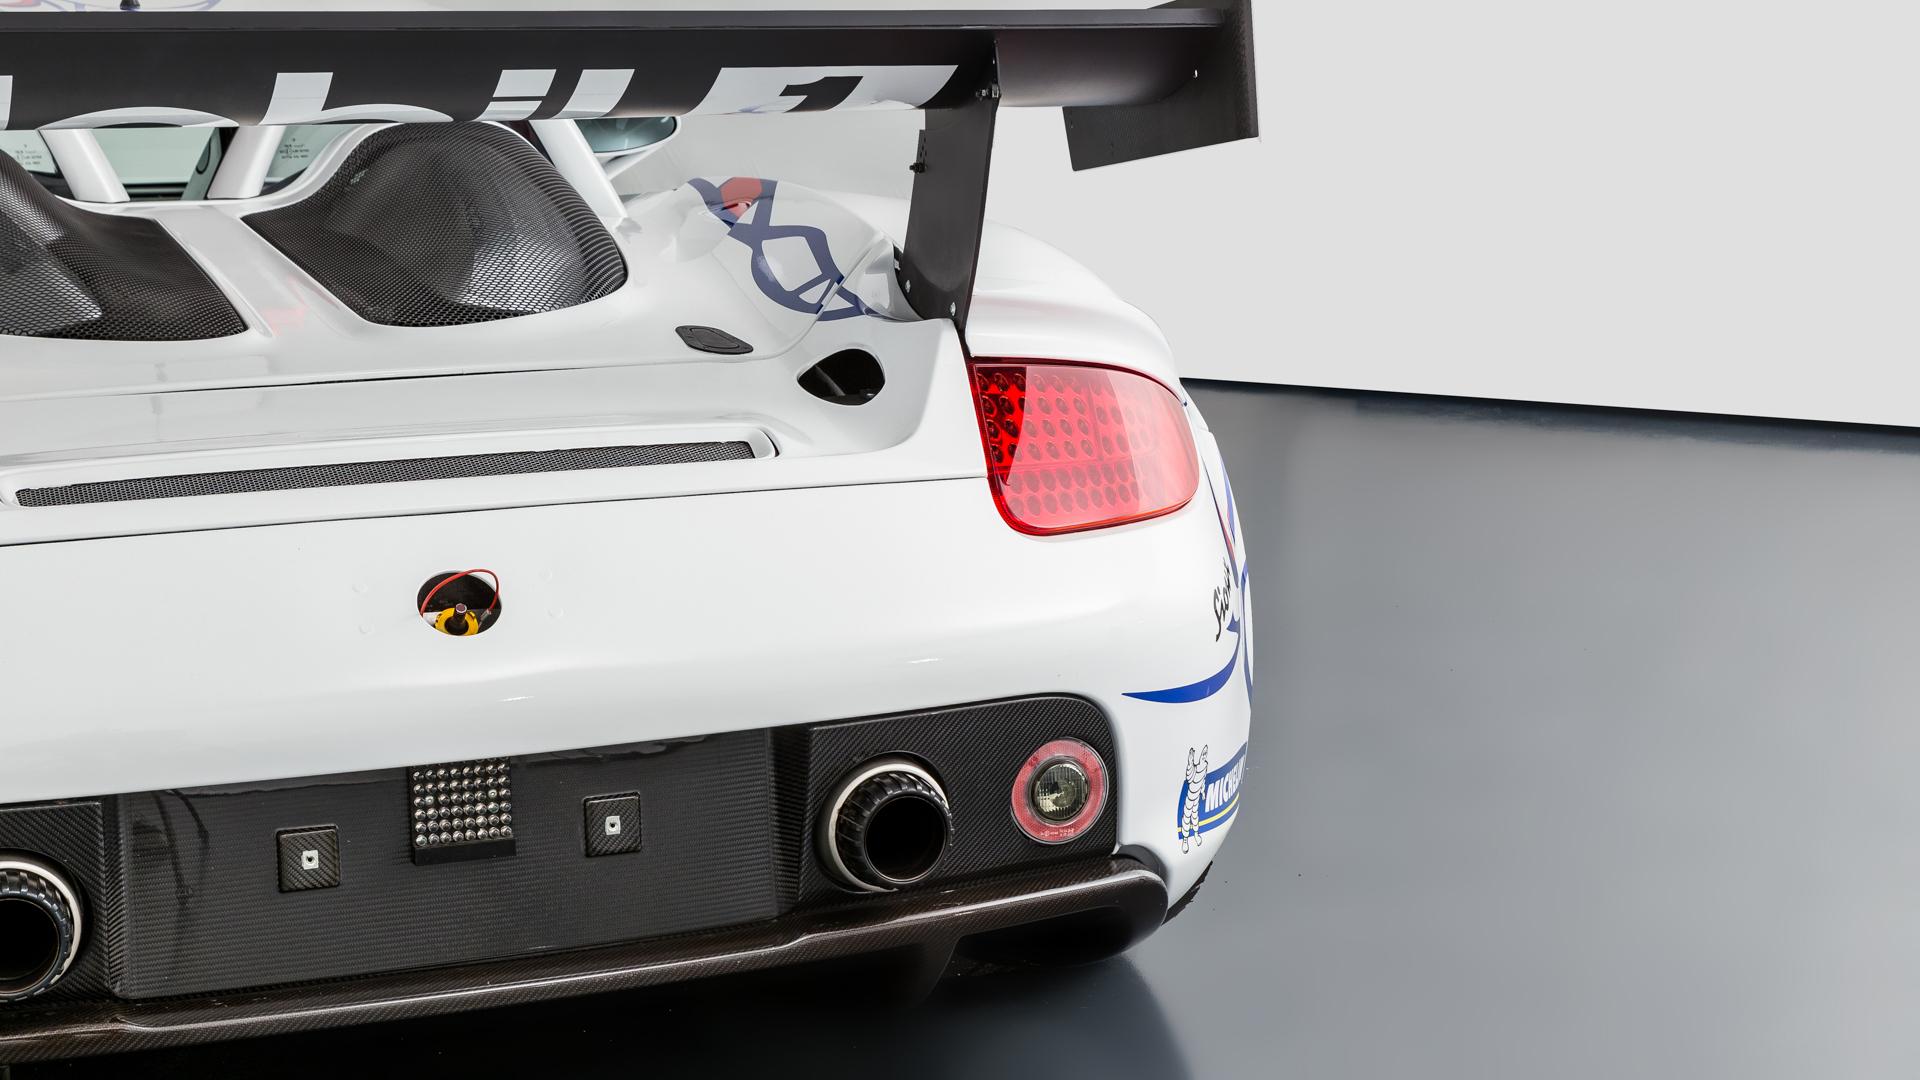 Carrera GT Racecar rear